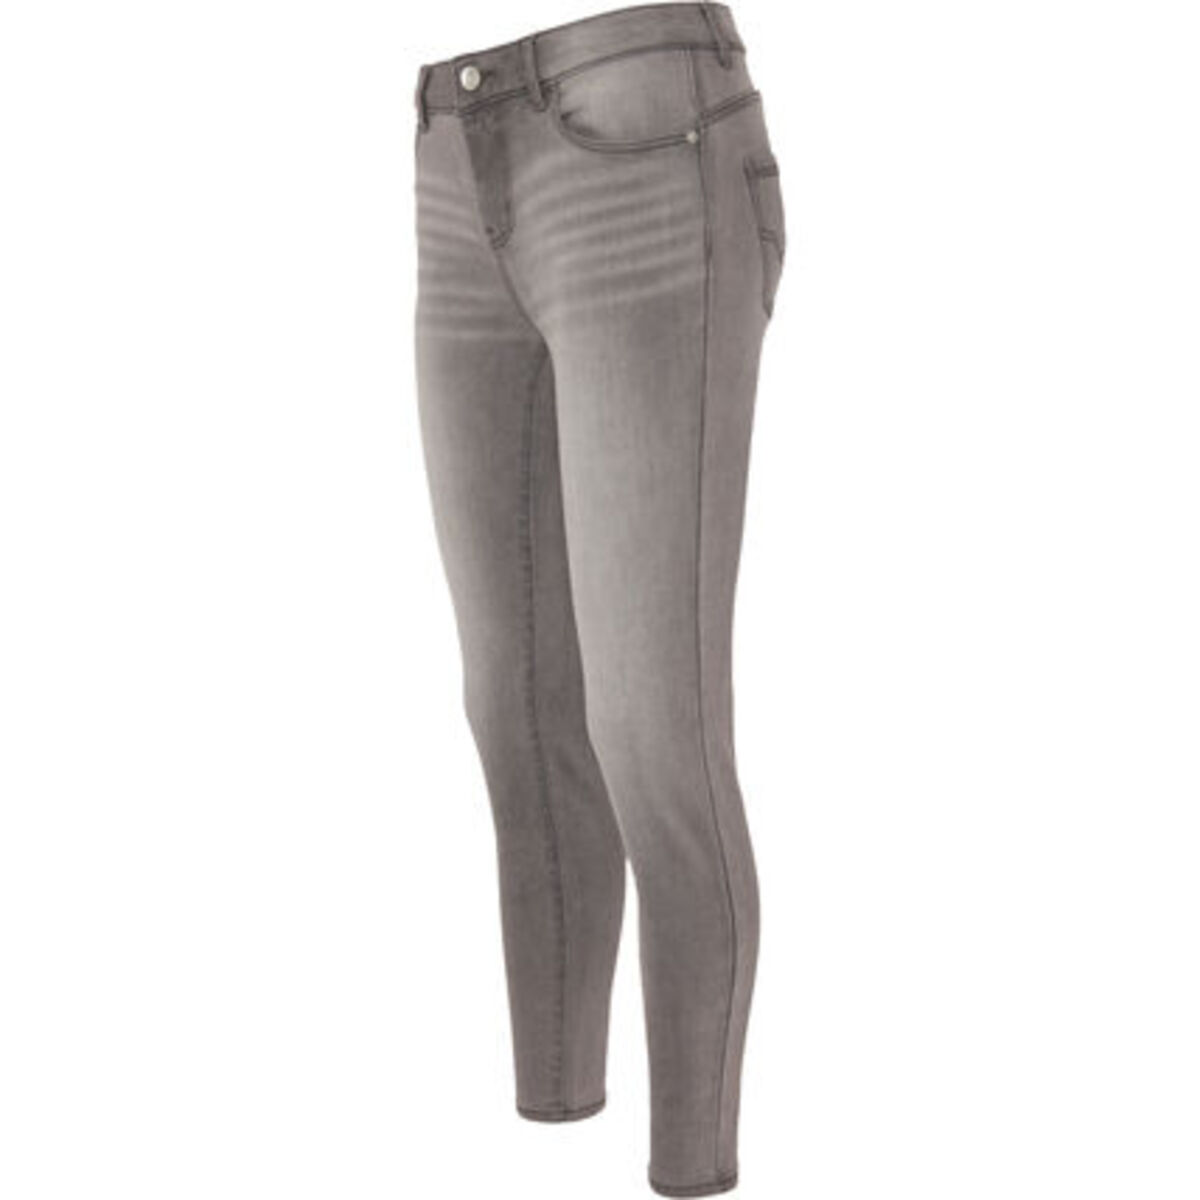 Bild 2 von MANGUUN Jeans, Slim Fit, destroyed-Look, für Damen